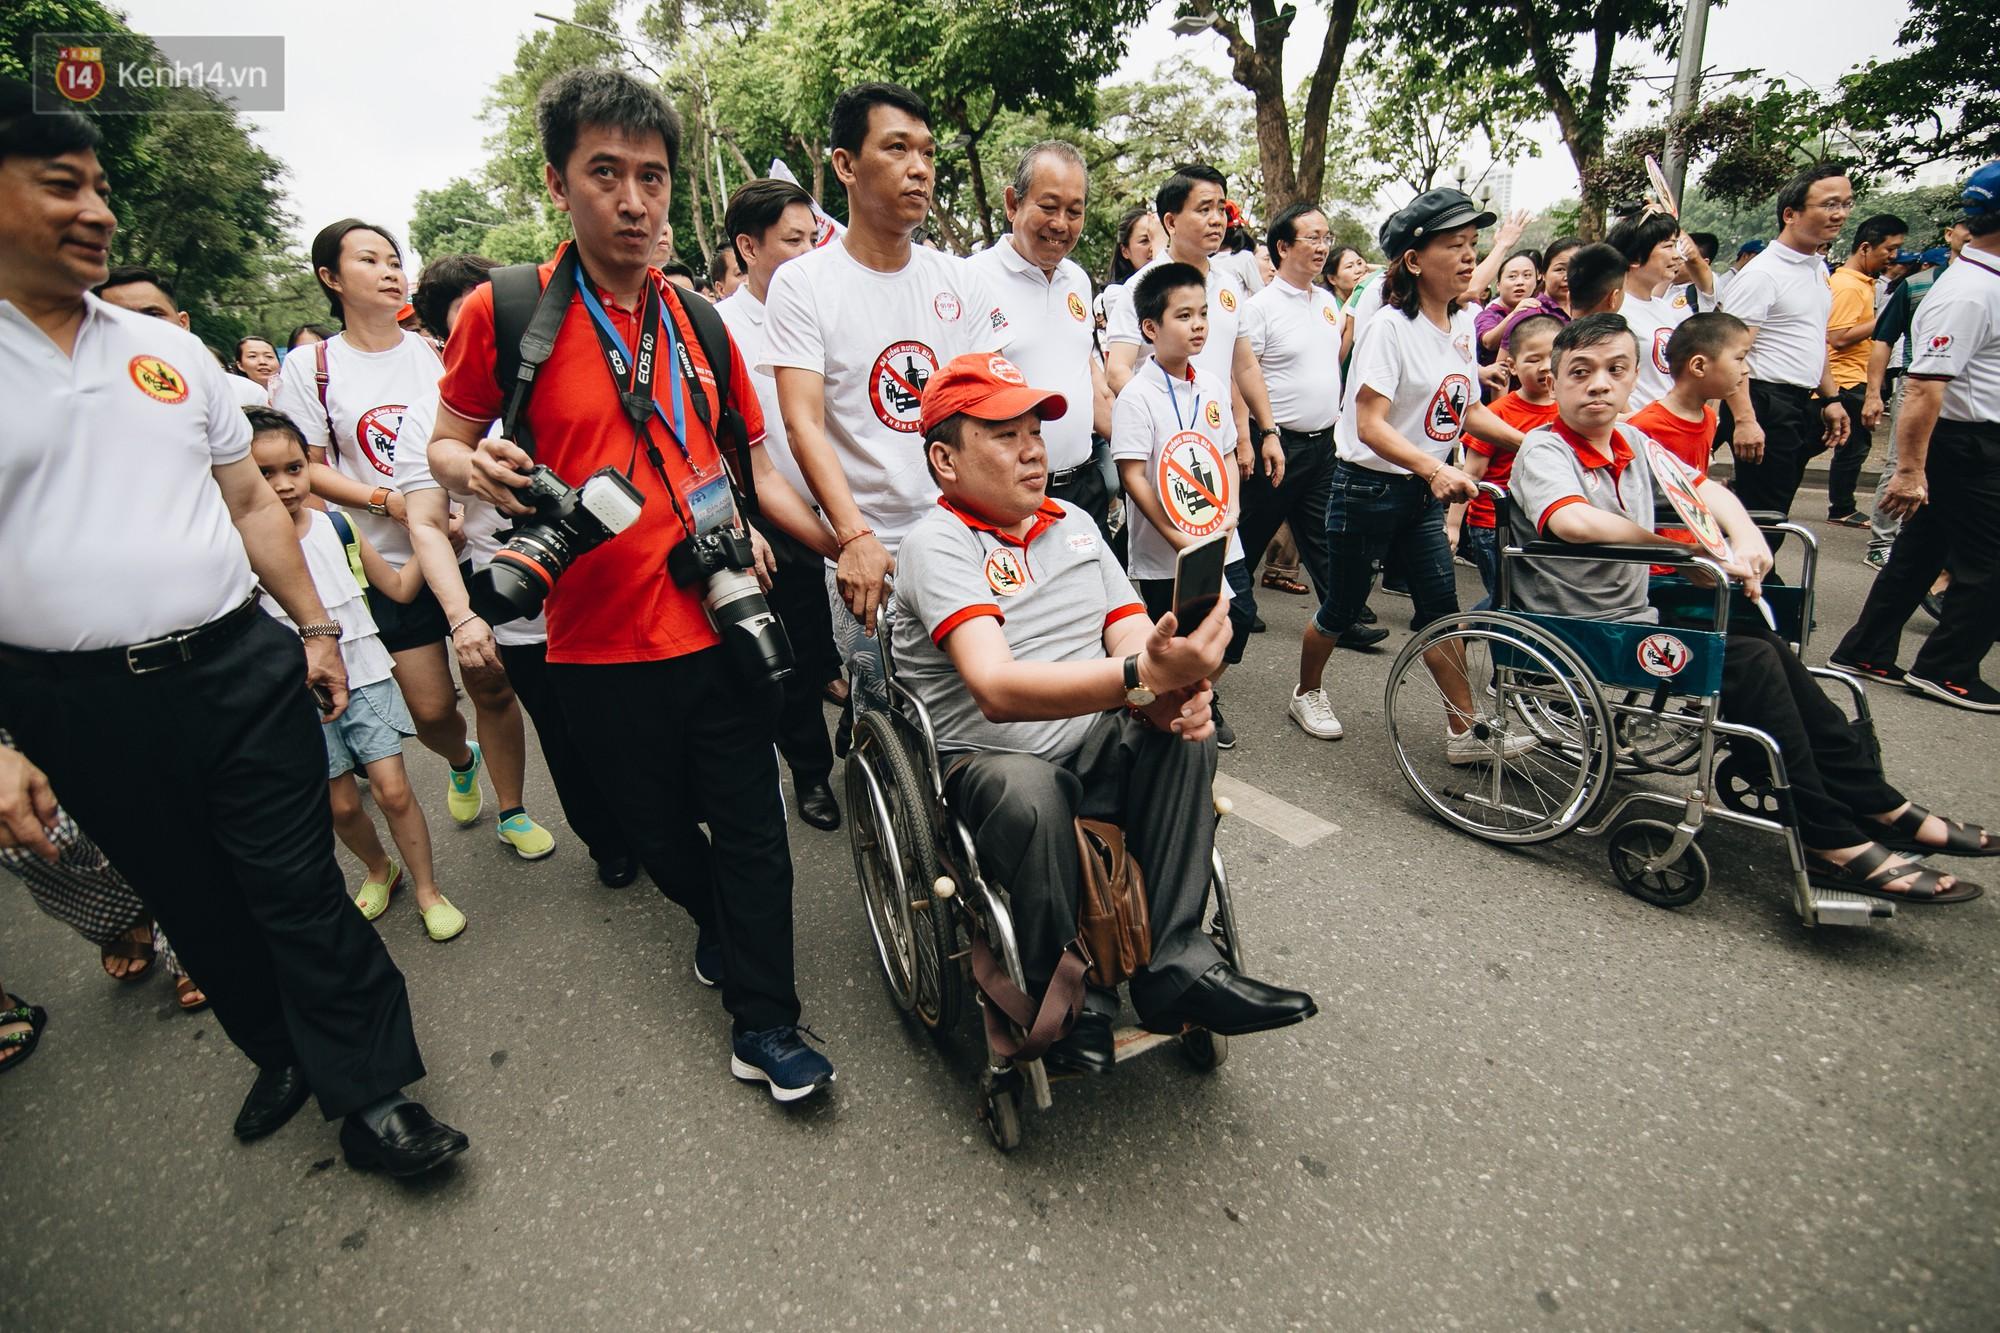 Chùm ảnh: 8.000 người mang logo Đã uống rượu bia - Không lái xe cùng tuần hành trên phố đi bộ Hồ Gươm - Ảnh 9.